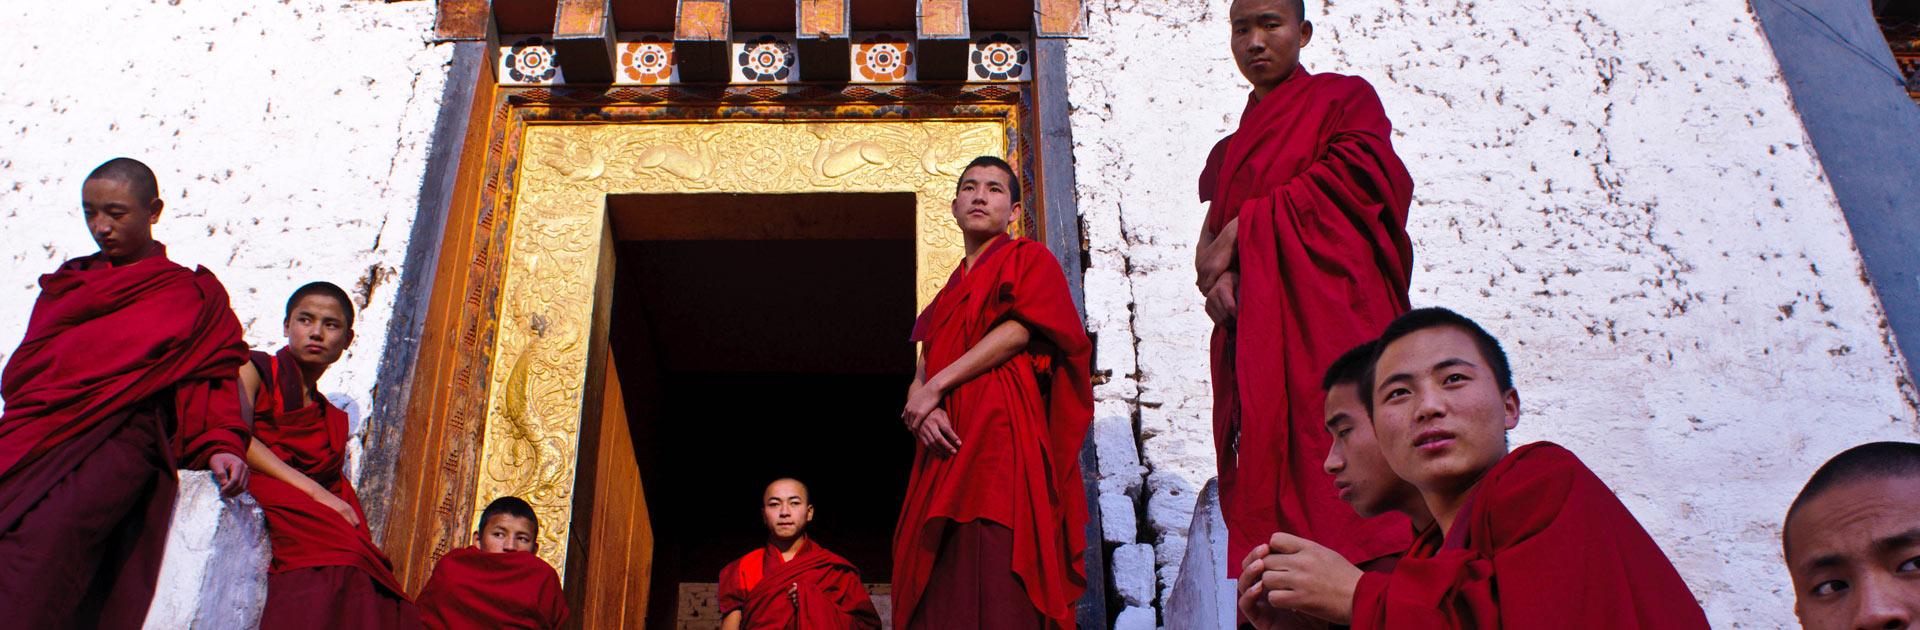 BT Corazón de Bután 7 días 3